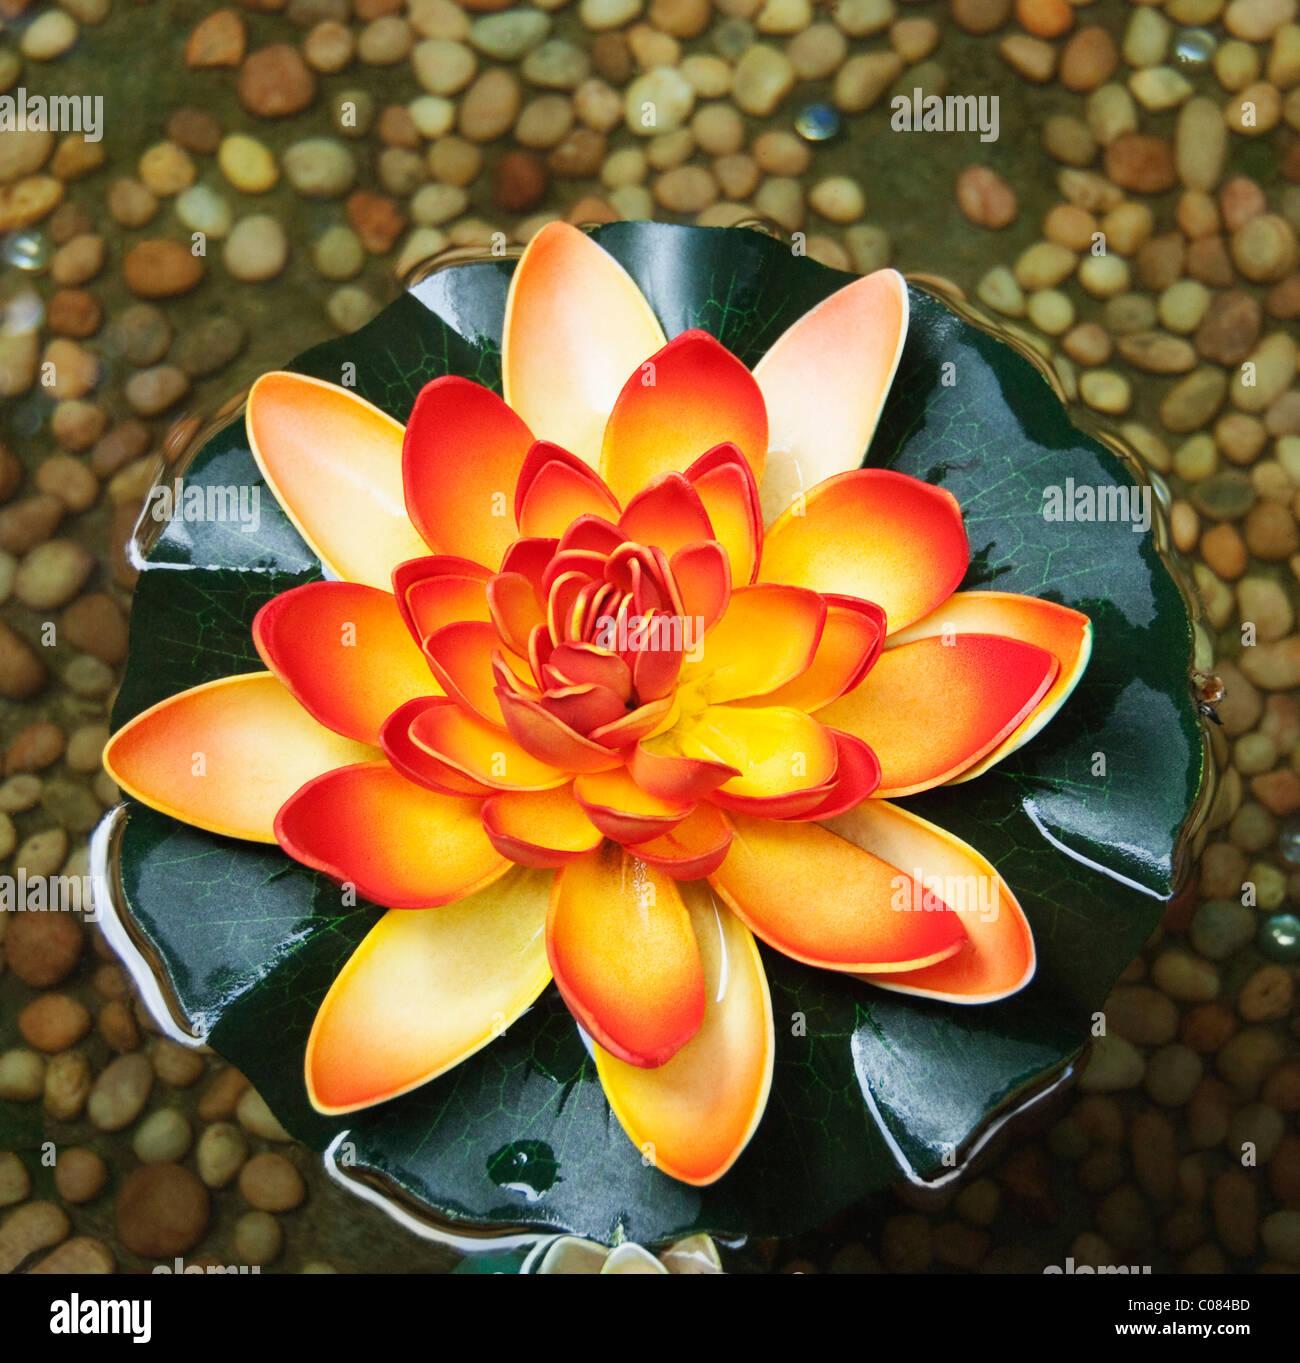 Angolo di alta vista di un fiore di loto, Tirupati, Andhra Pradesh, India Immagini Stock